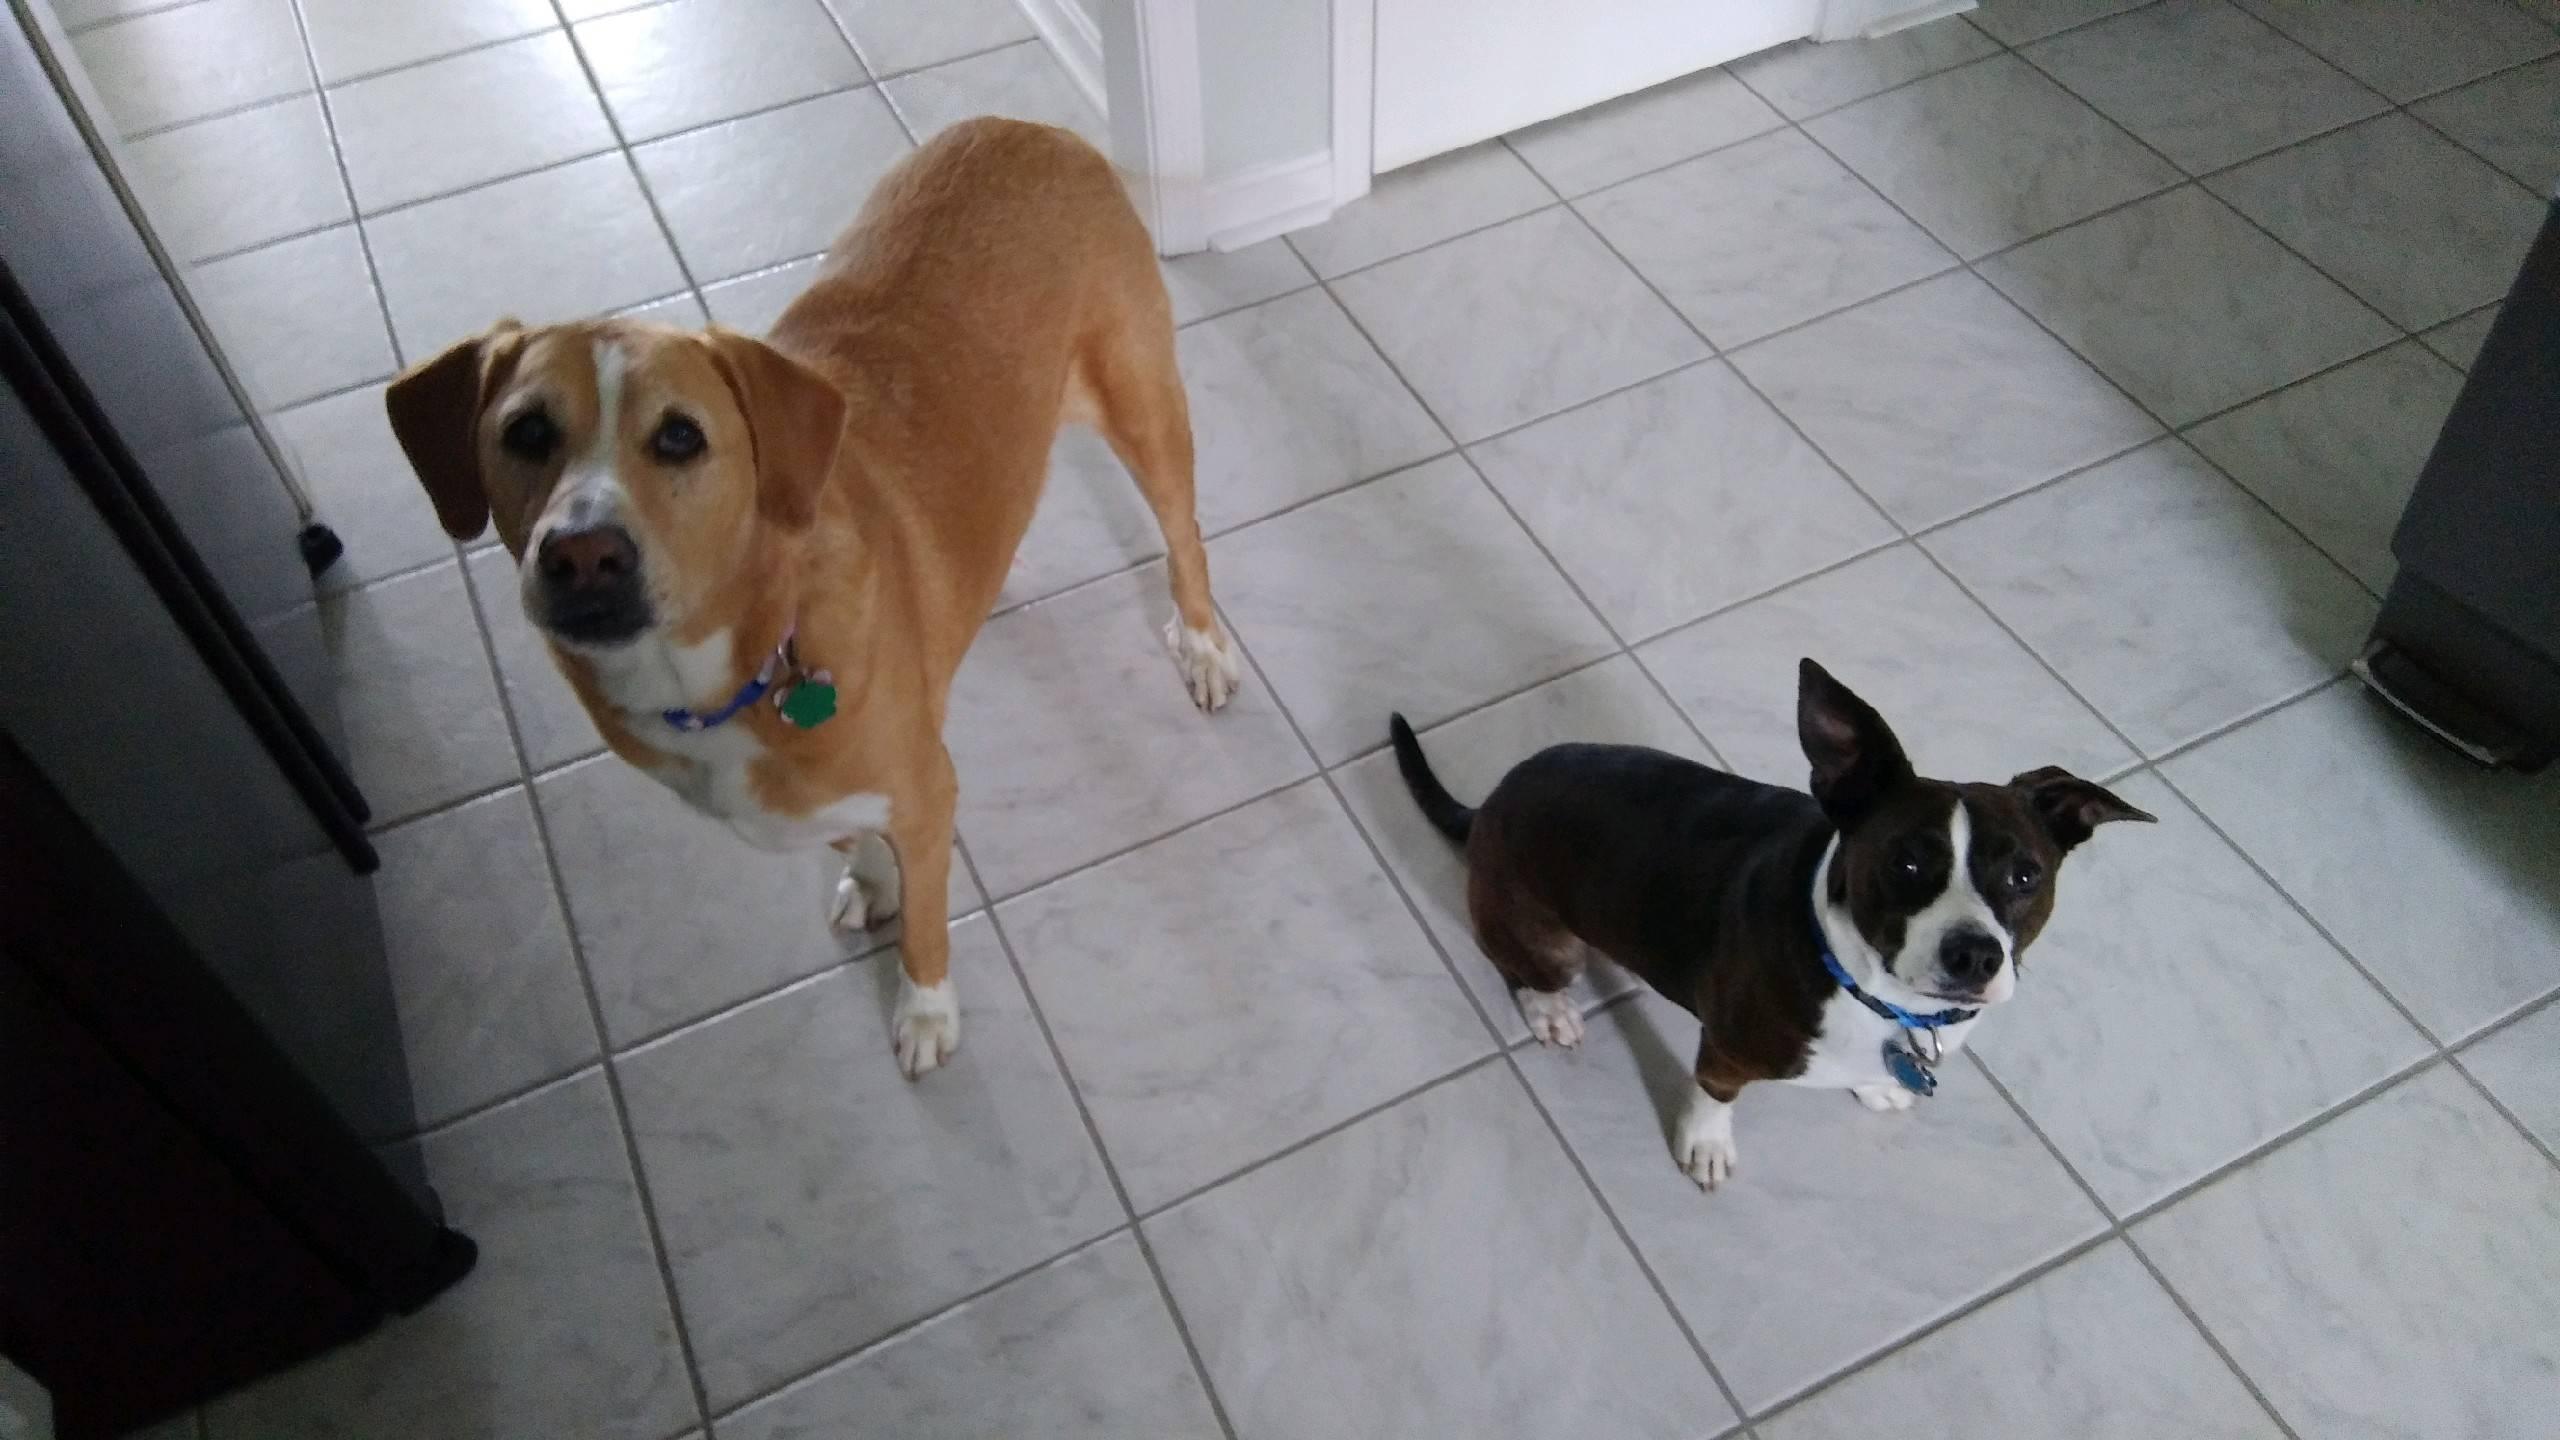 Skylar and Jetty